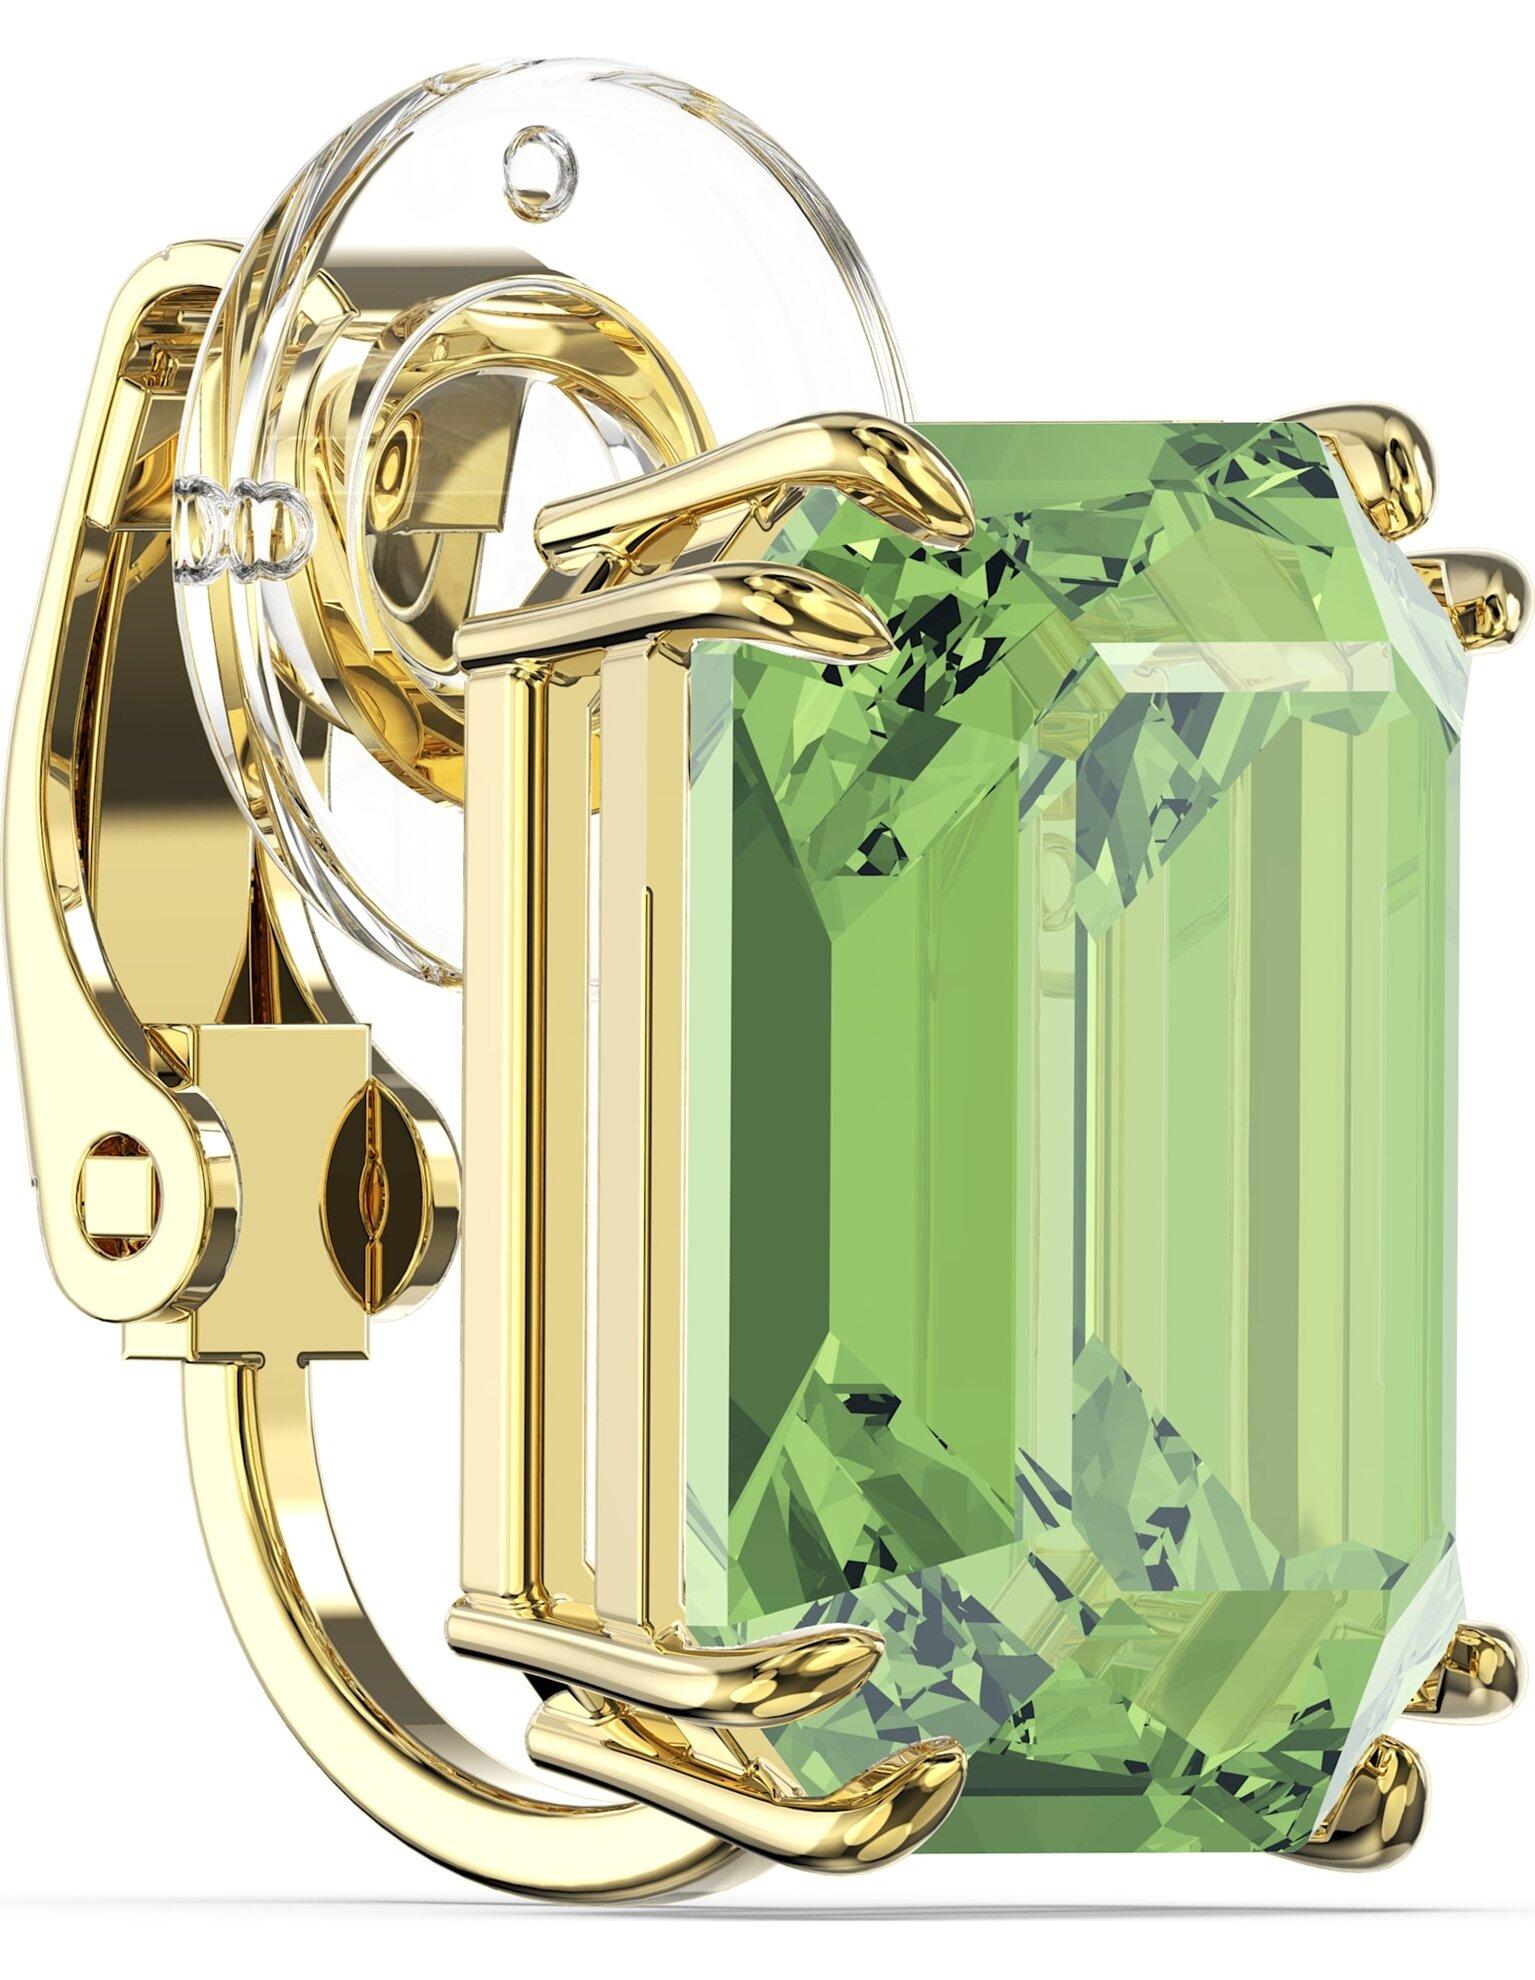 Picture of Millenia Klipsli Küpe, Tek, Yeşil, Altın rengi kaplama